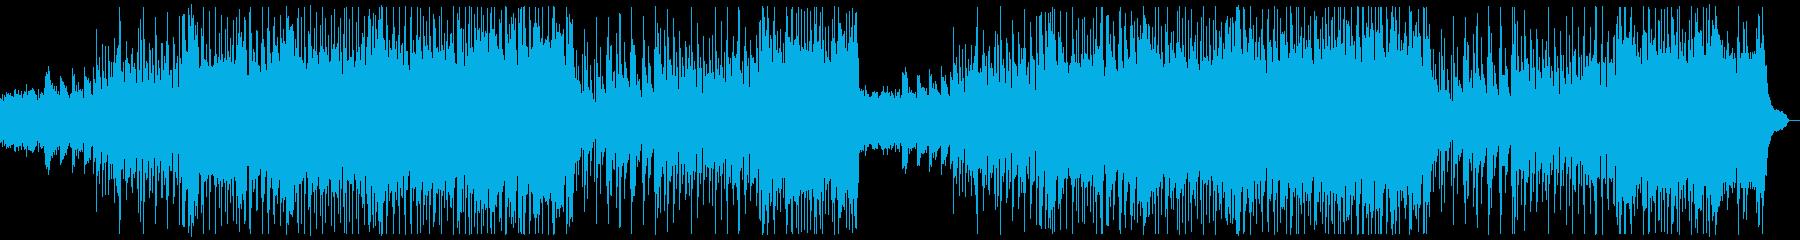 明るいフォークギターポップス:フルx2の再生済みの波形